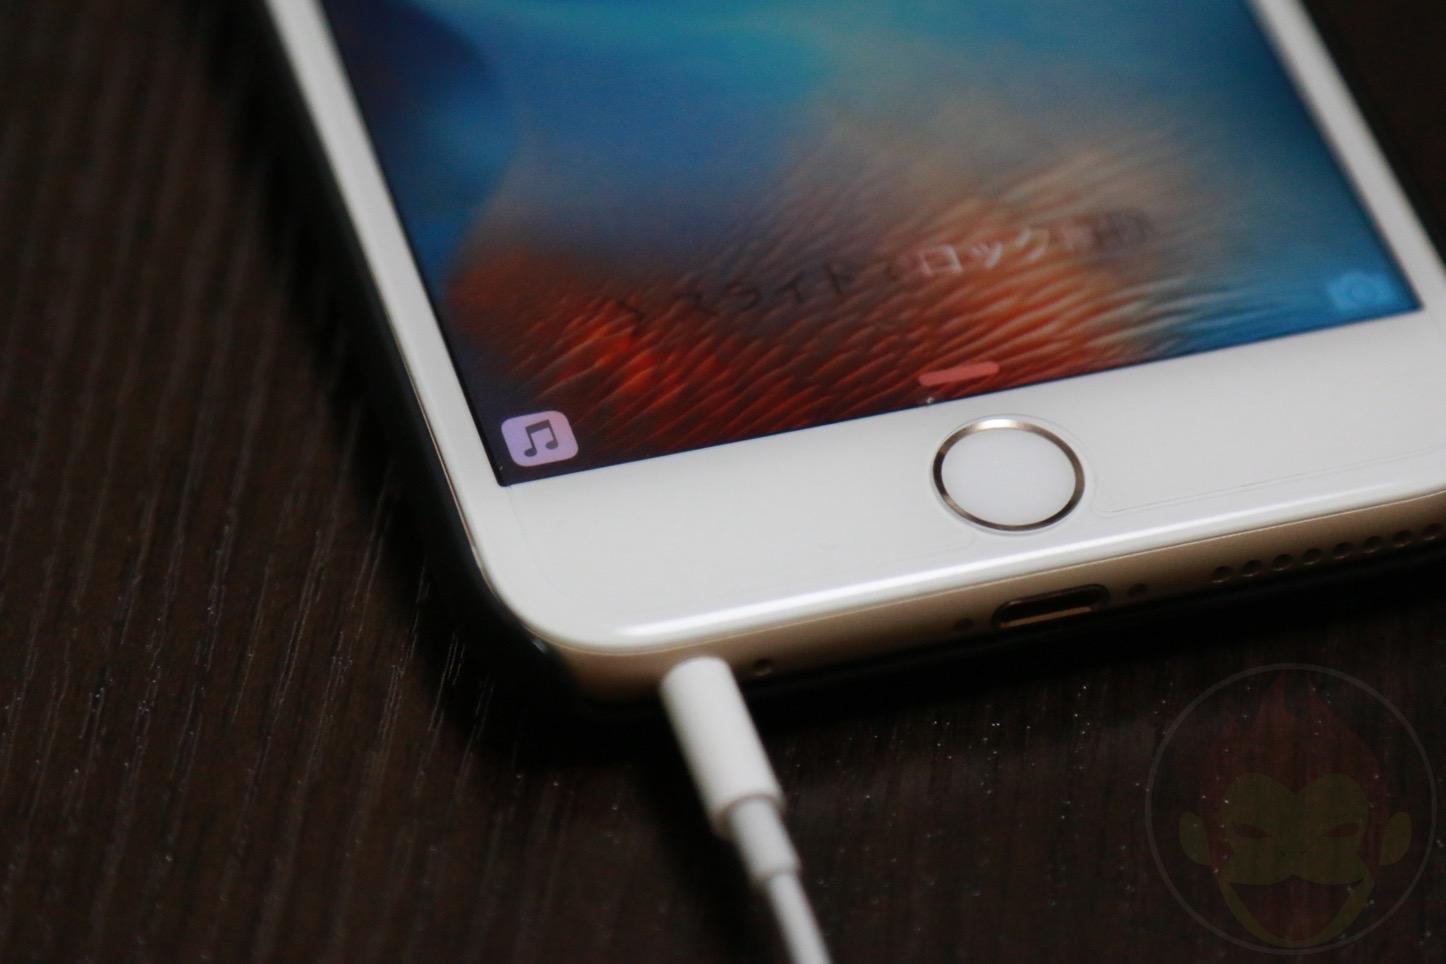 【iOS 9】イヤフォンを挿すとすぐに音楽アプリを立ち上げることが可能に